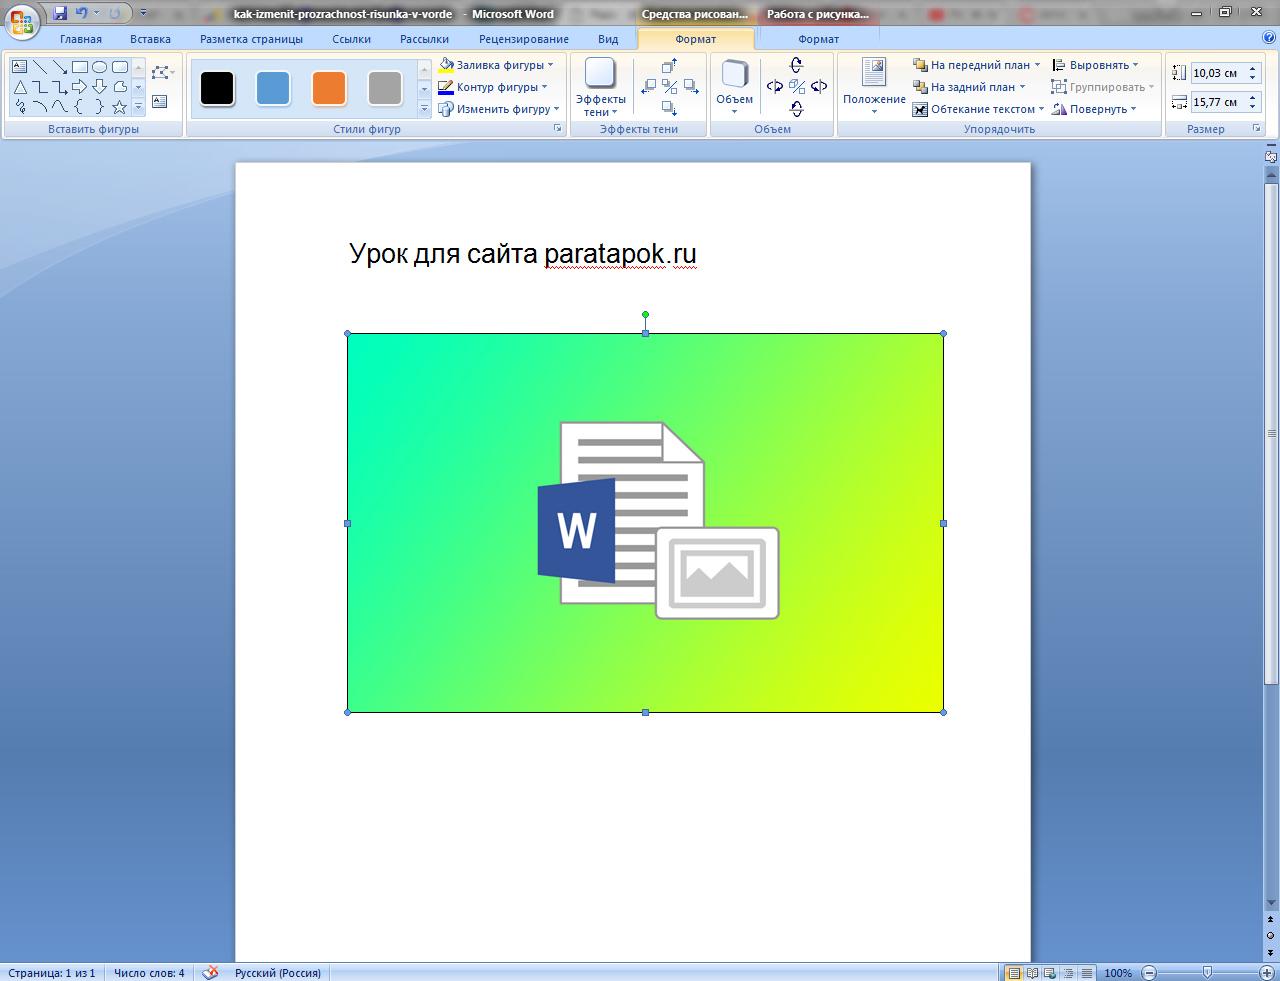 Как сделать обтекание картинки текстом в HTML и CSS 58